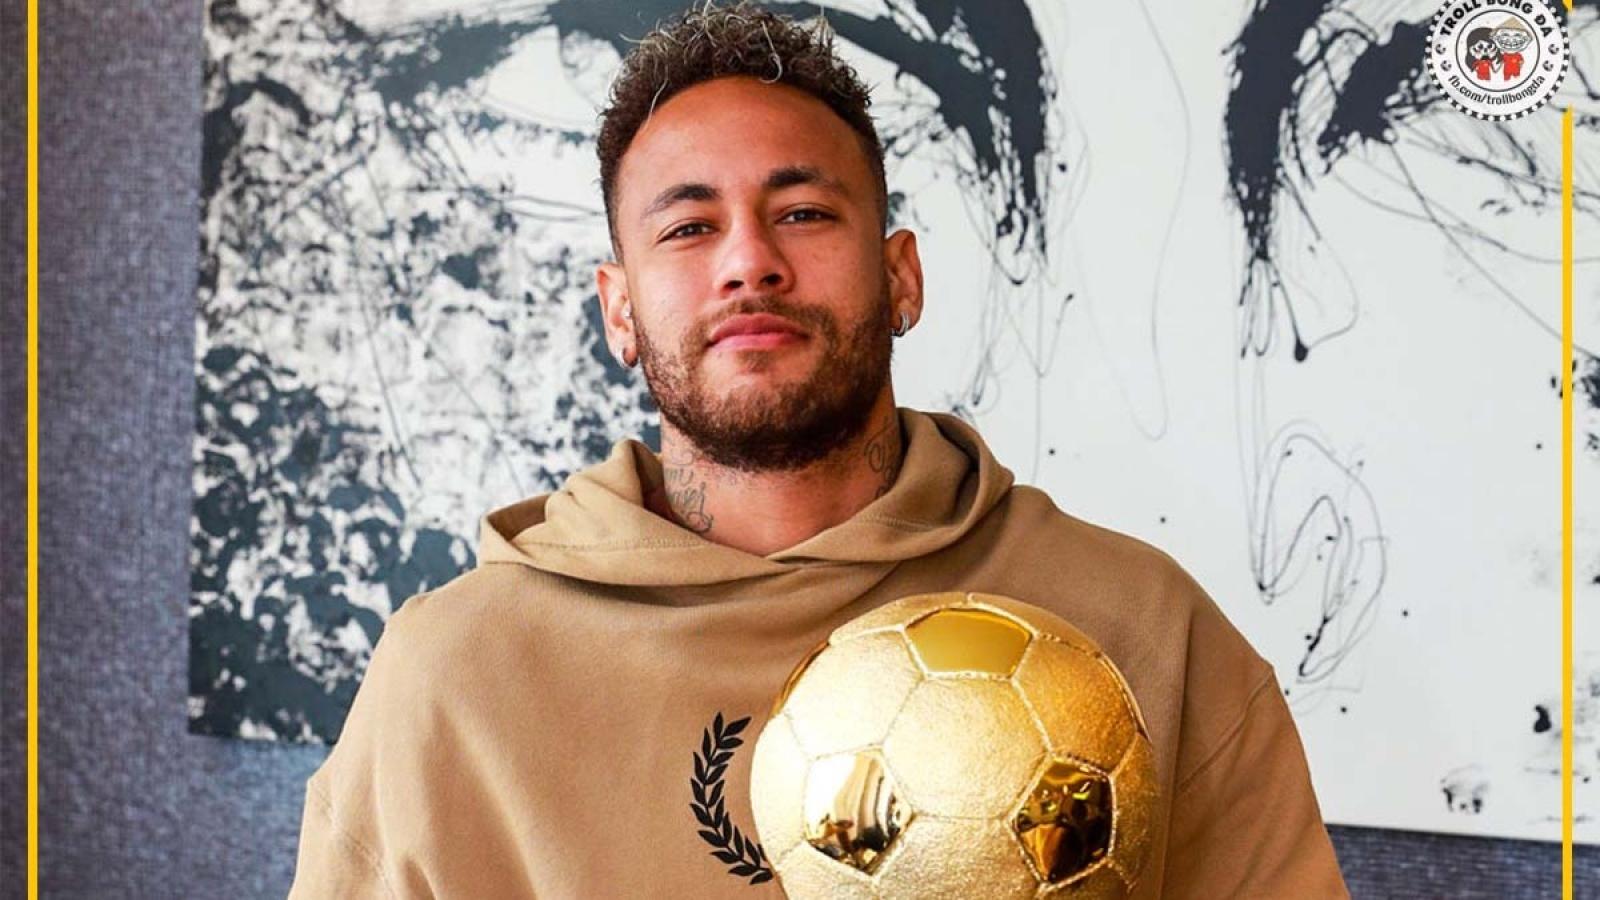 Biếm họa 24h: Neymar nhận danh hiệu Quả bóng Vàng... Brazil